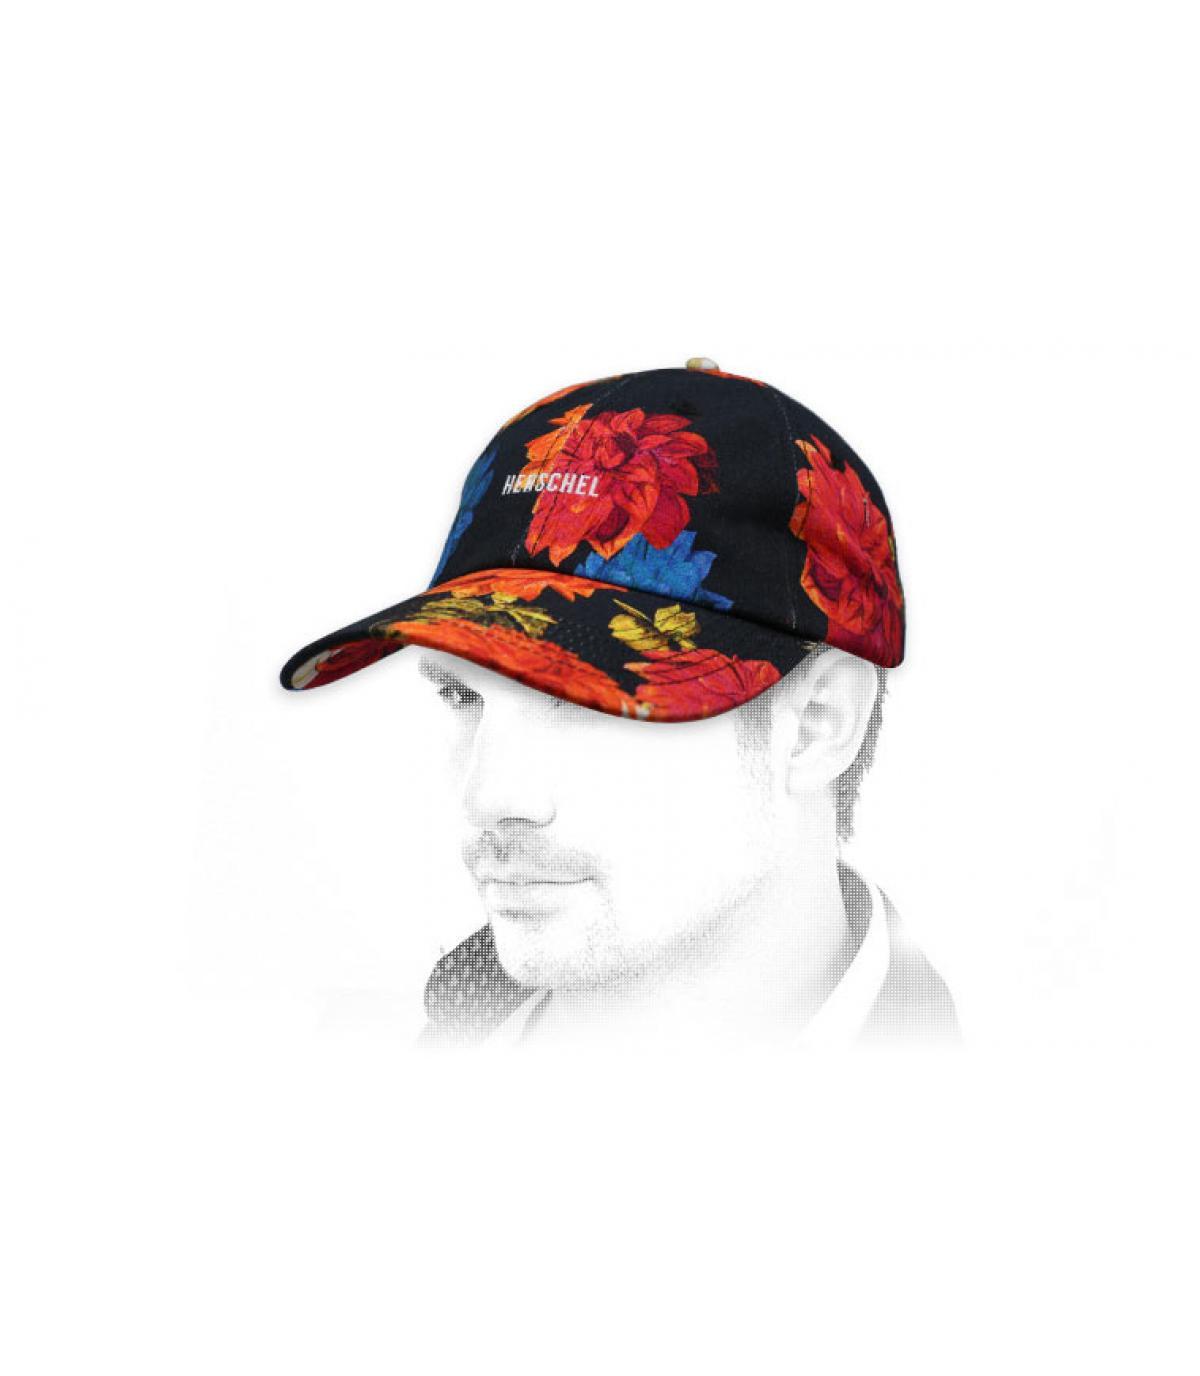 Herschel flower cap